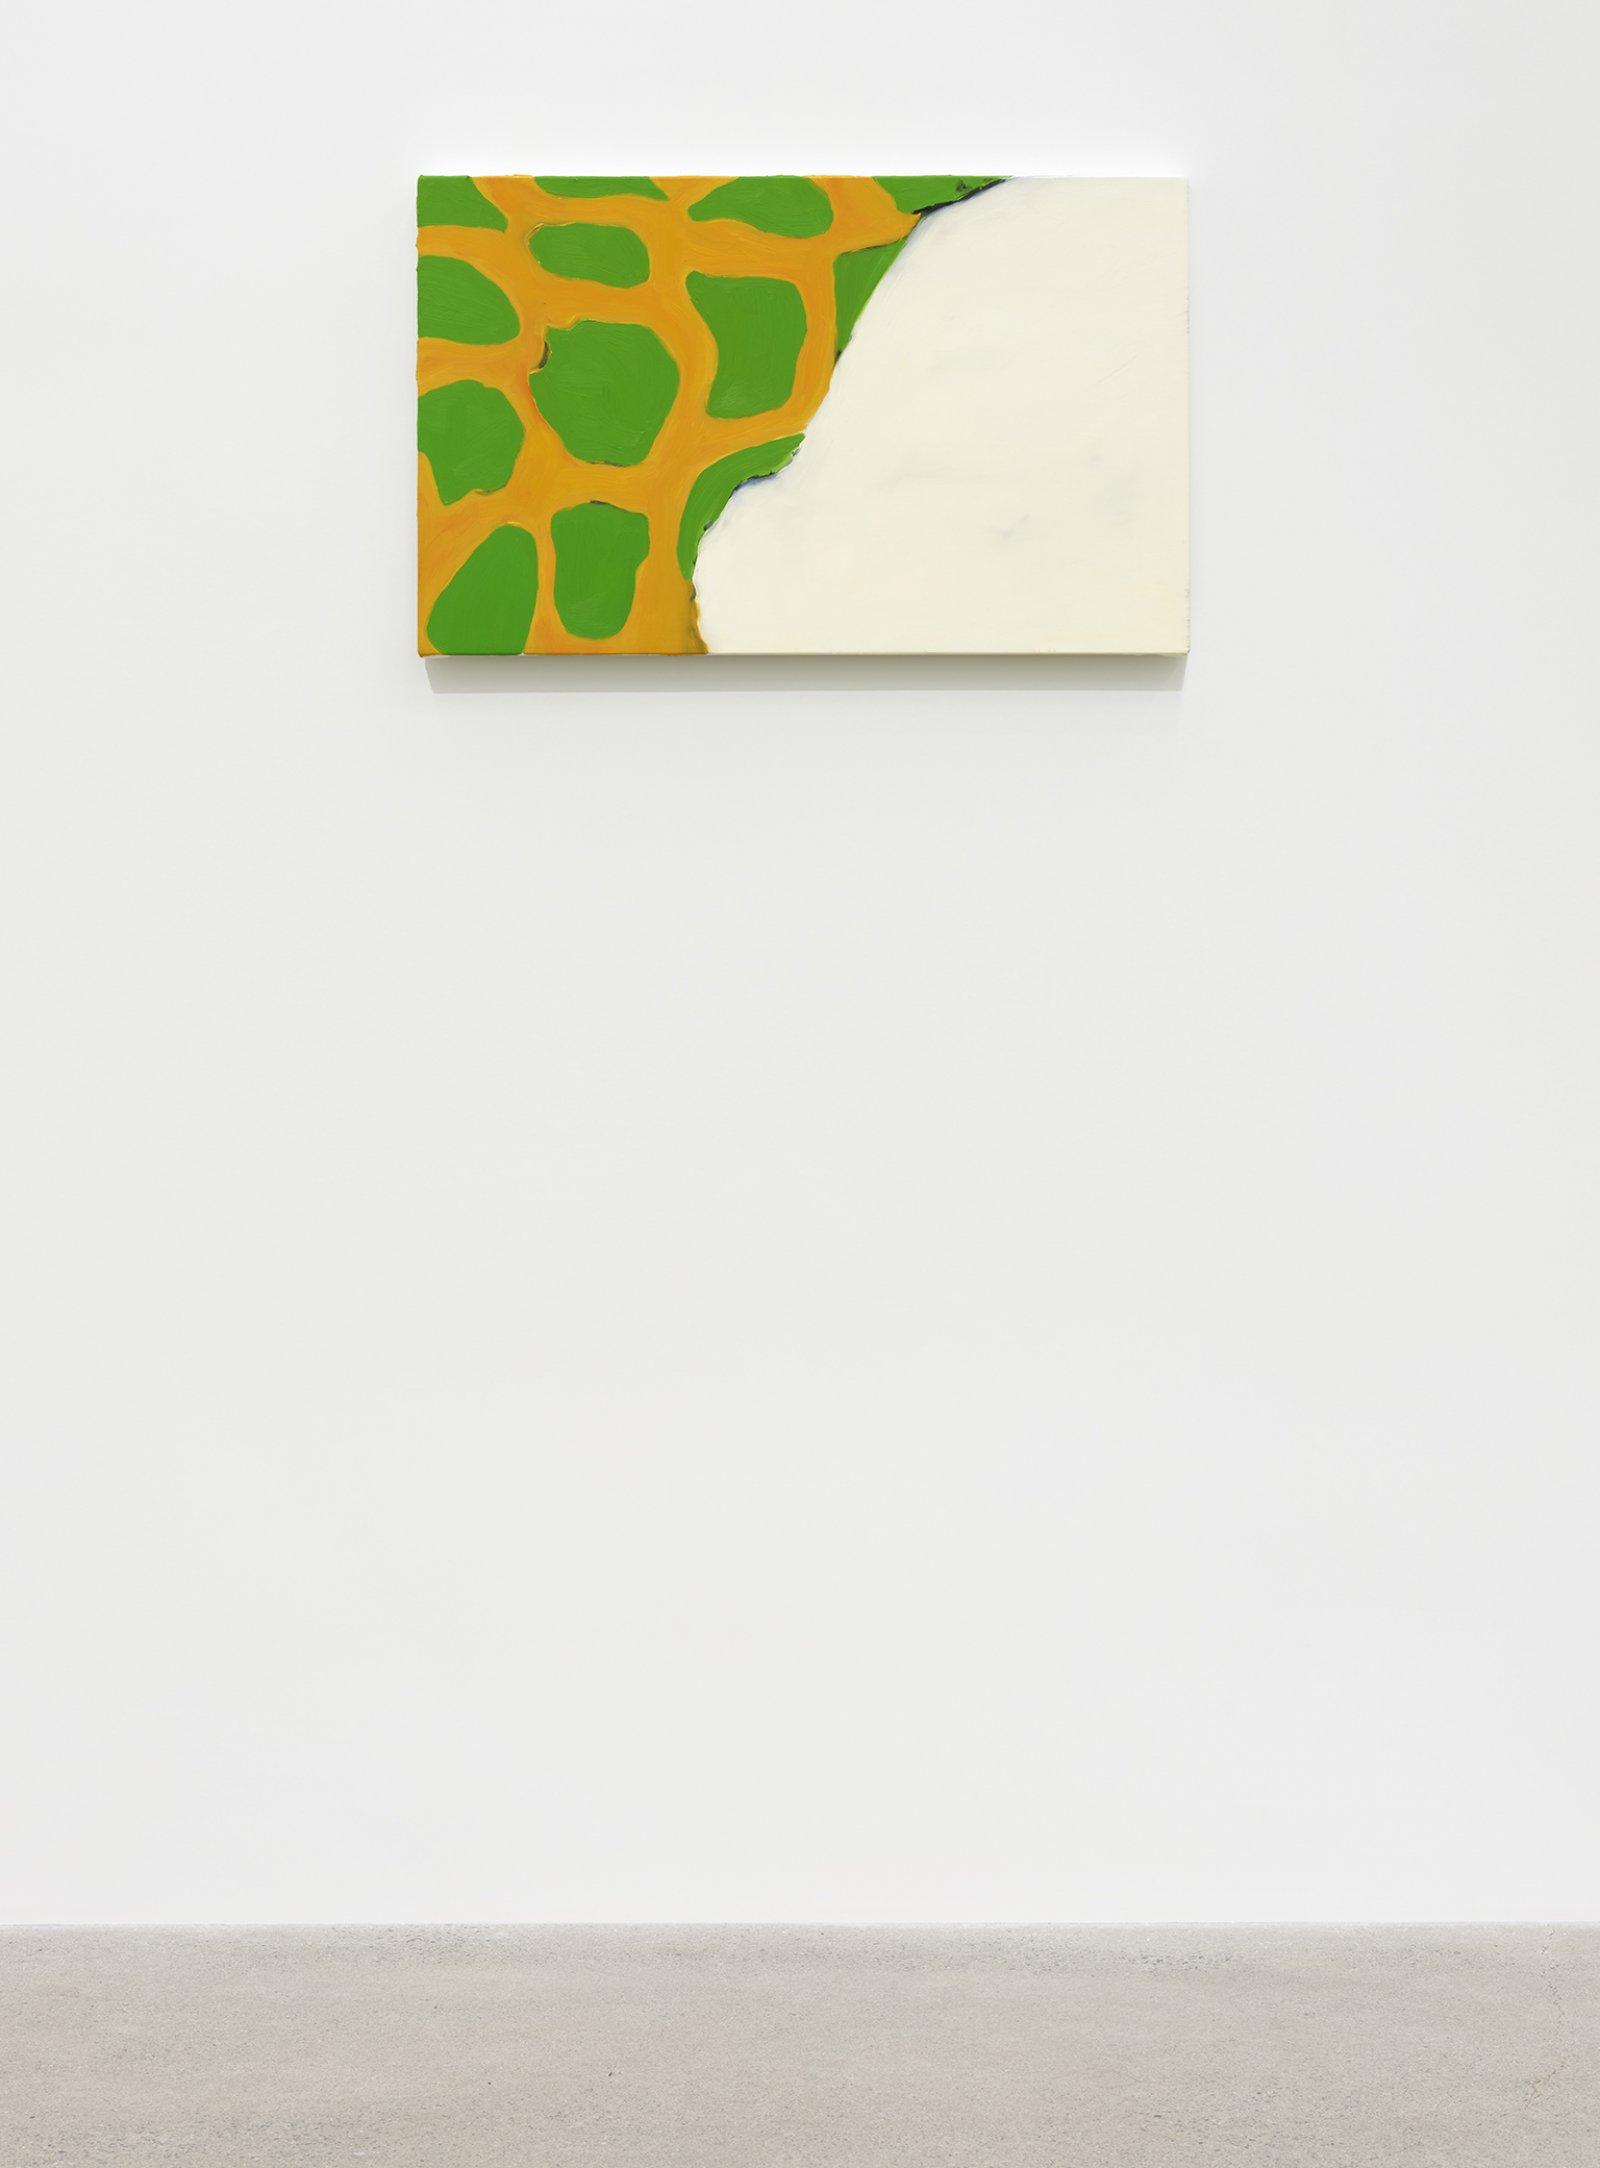 Elizabeth McIntosh, Room, 2019, oil on canvas, 16 x 25 in. (39 x 64 cm) by Elizabeth McIntosh